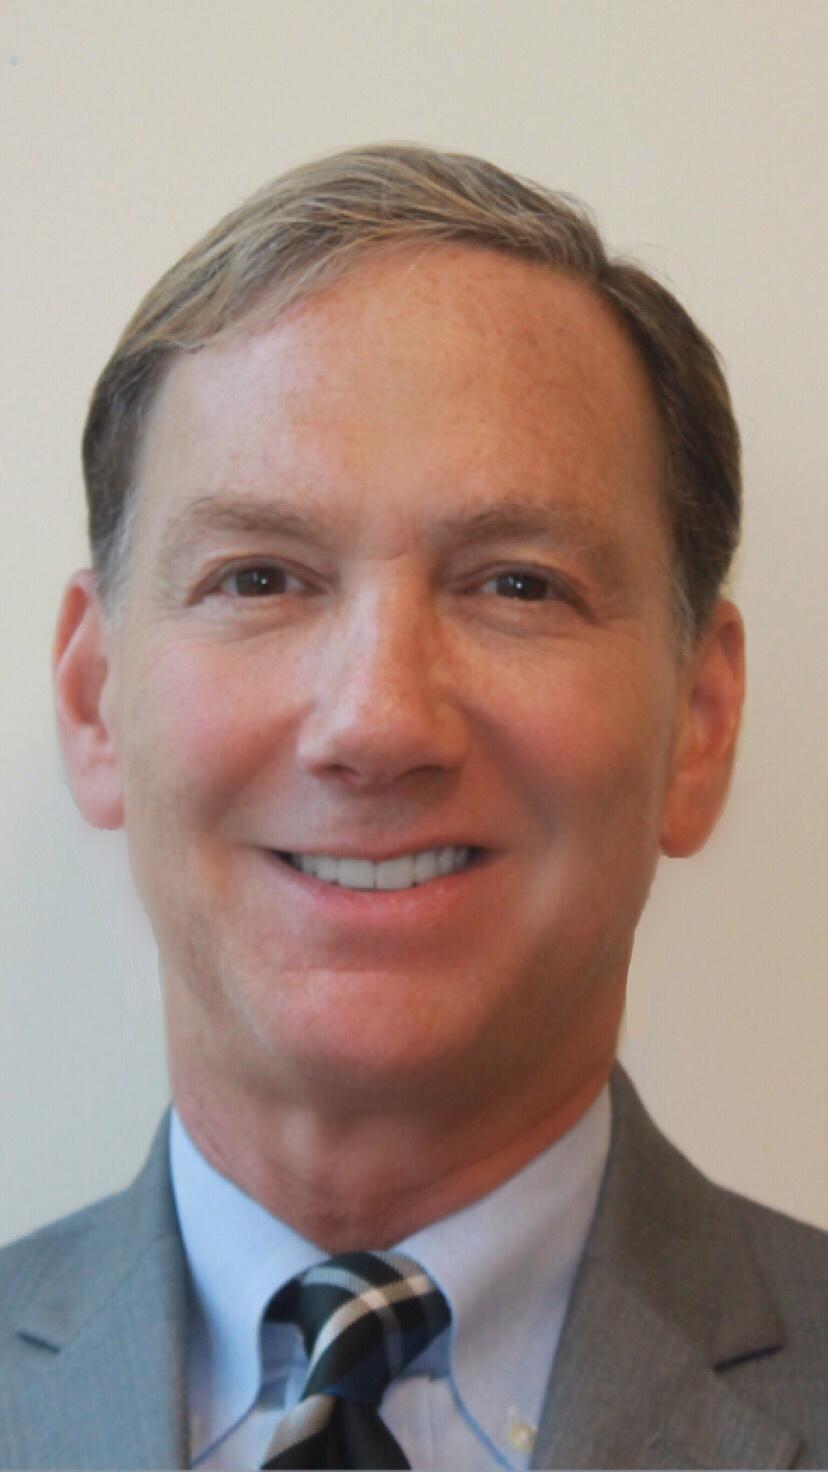 Lon M. Singer  Partner, Financial Services Group, Riemer & Braunstein